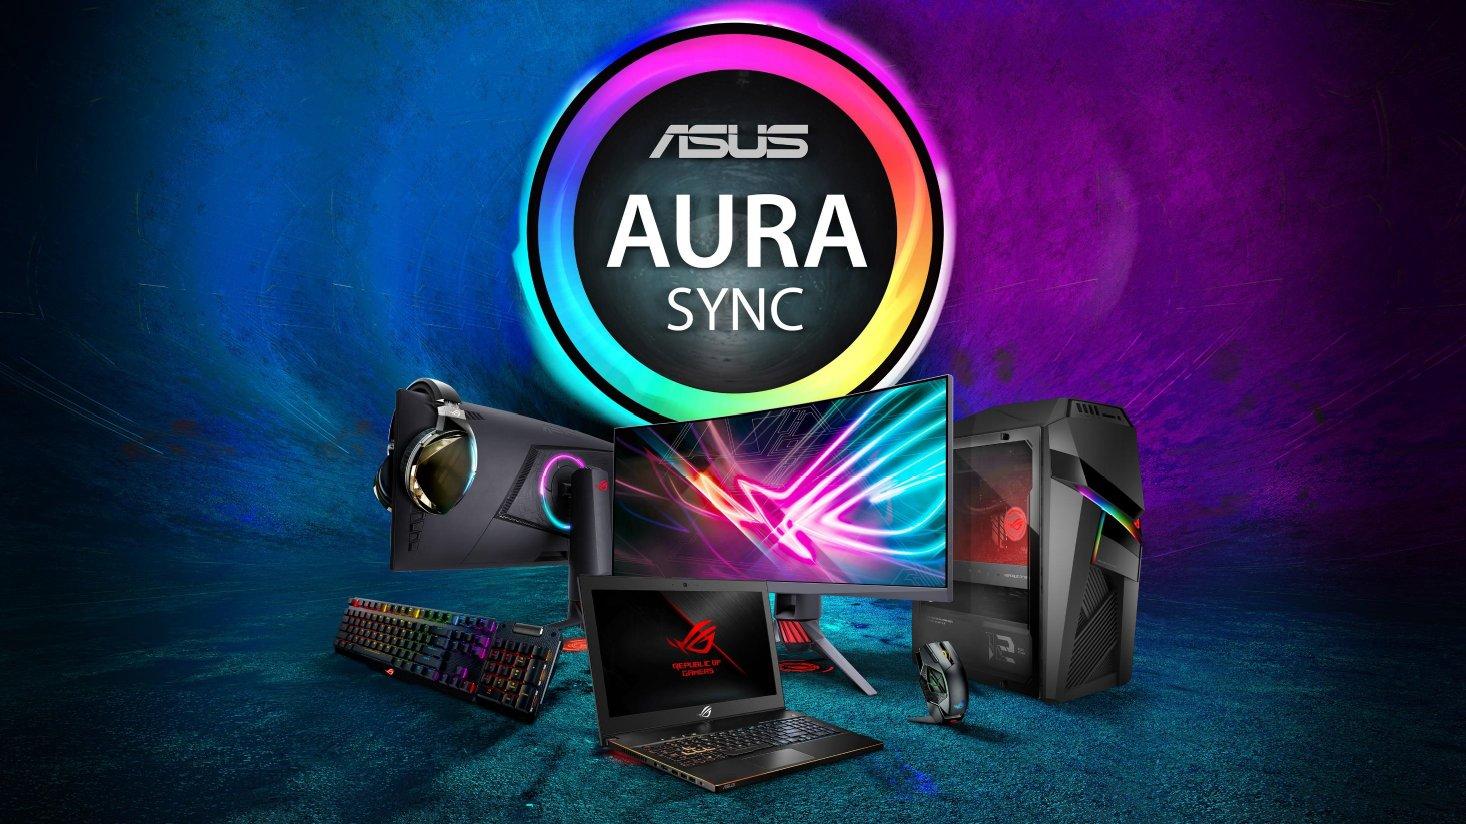 ASUS独自のライトシンクシステム「AURA SYNC」